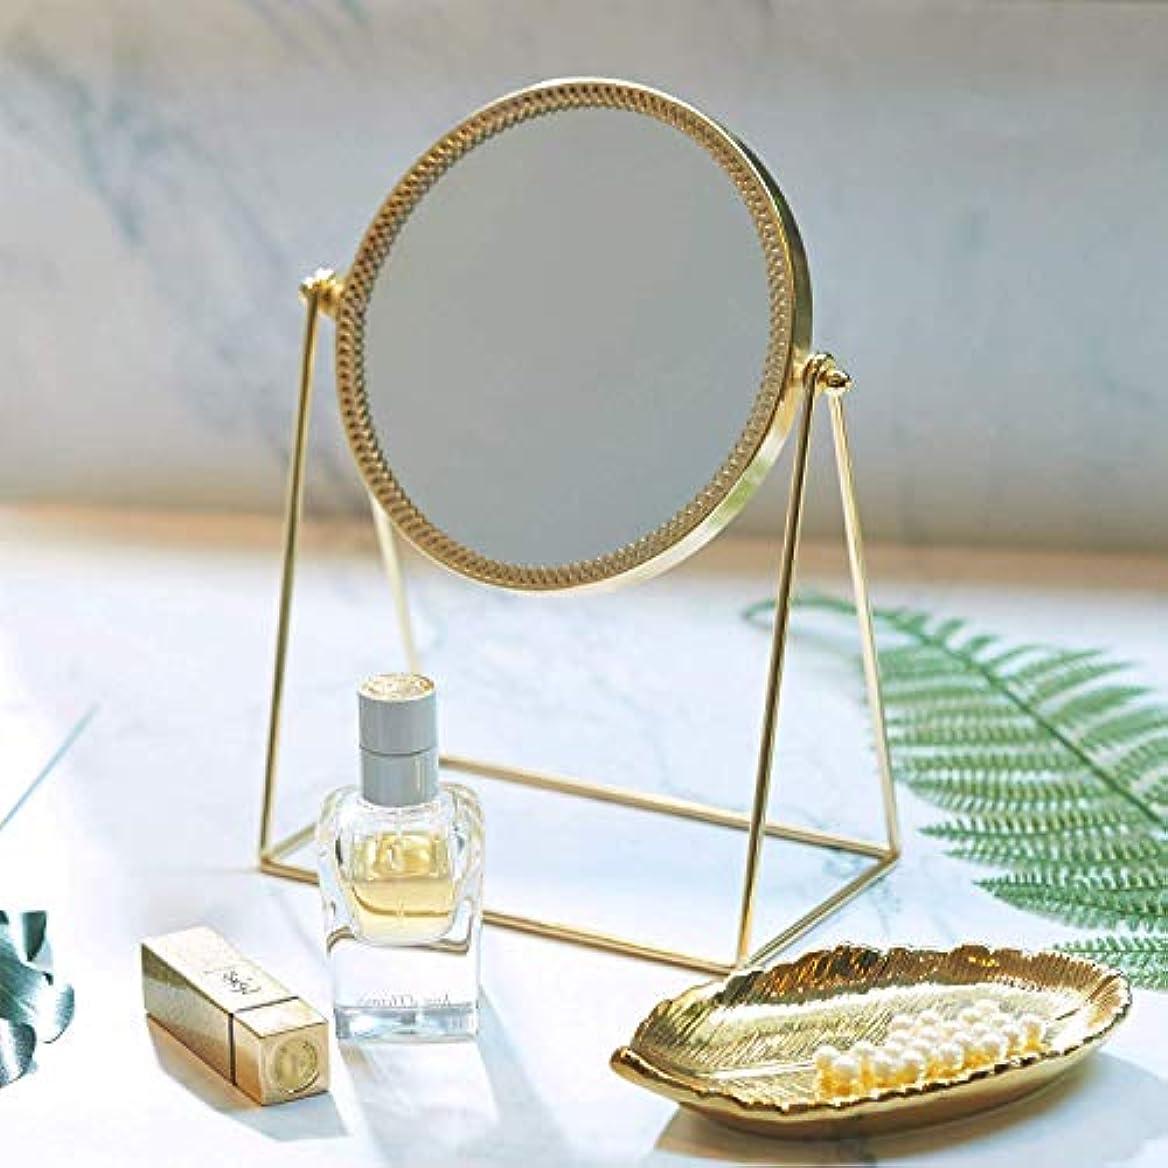 落ちたフローティング試用MQQ シングル化粧鏡両面化粧鏡ヴィンテージ360°回転金属製テーブルミラーラウンド化粧鏡手作り化粧鏡ドレッサー化粧台用